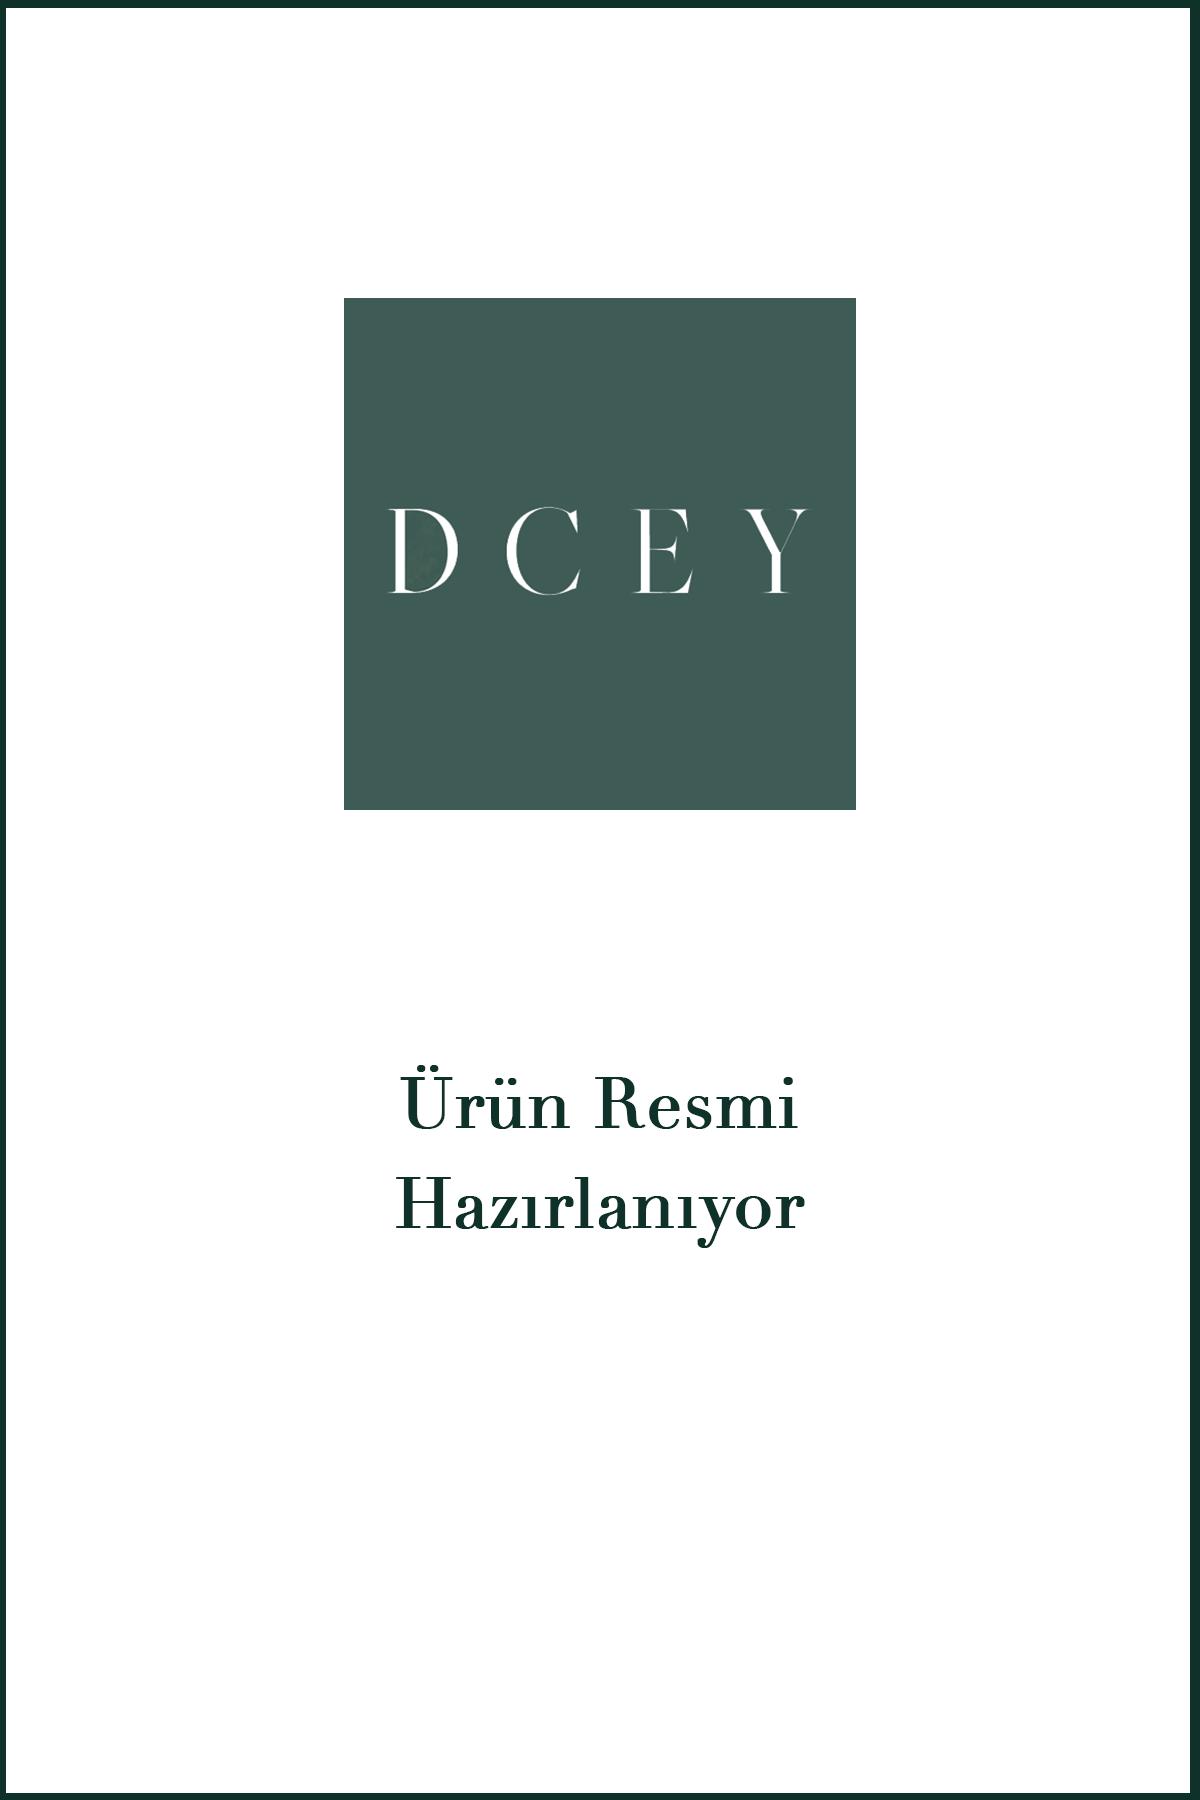 Yeşil V Yaka Uzun Kol Elbise